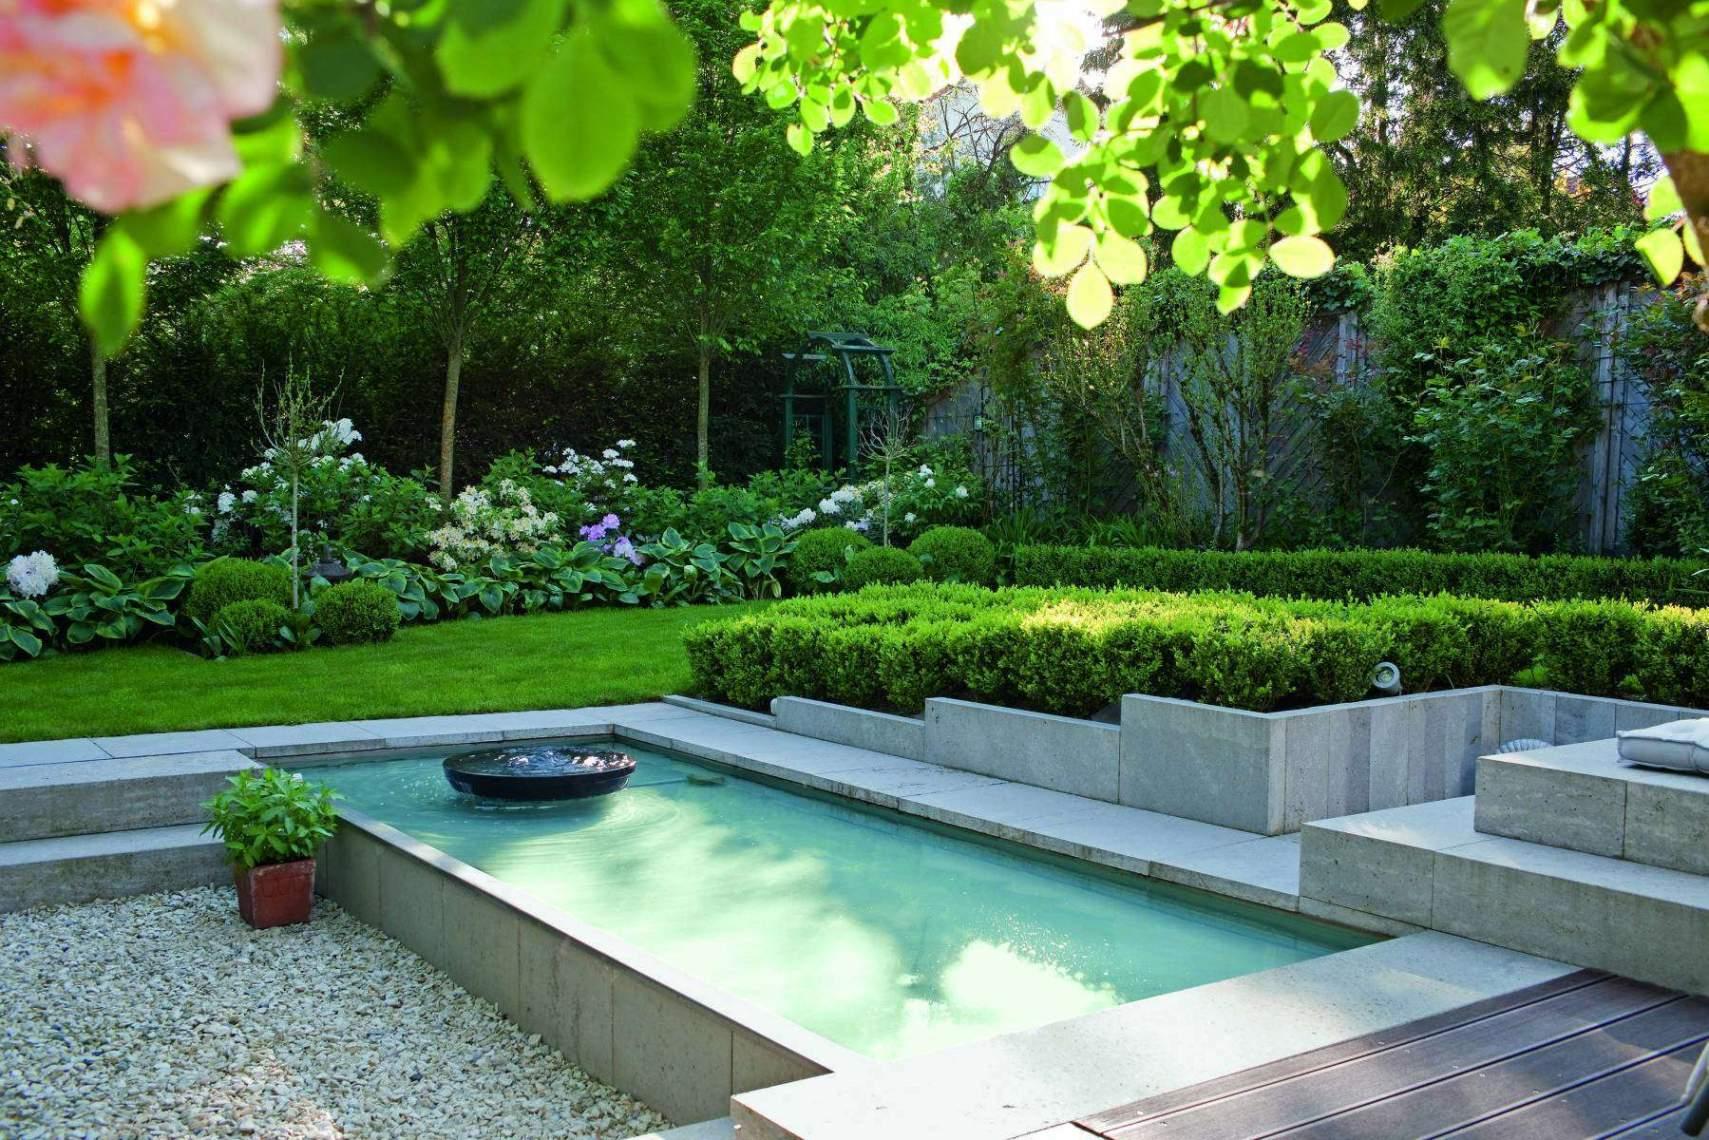 Pool Für Garten Reizend Kleine Pools Für Kleine Gärten — Temobardz Home Blog